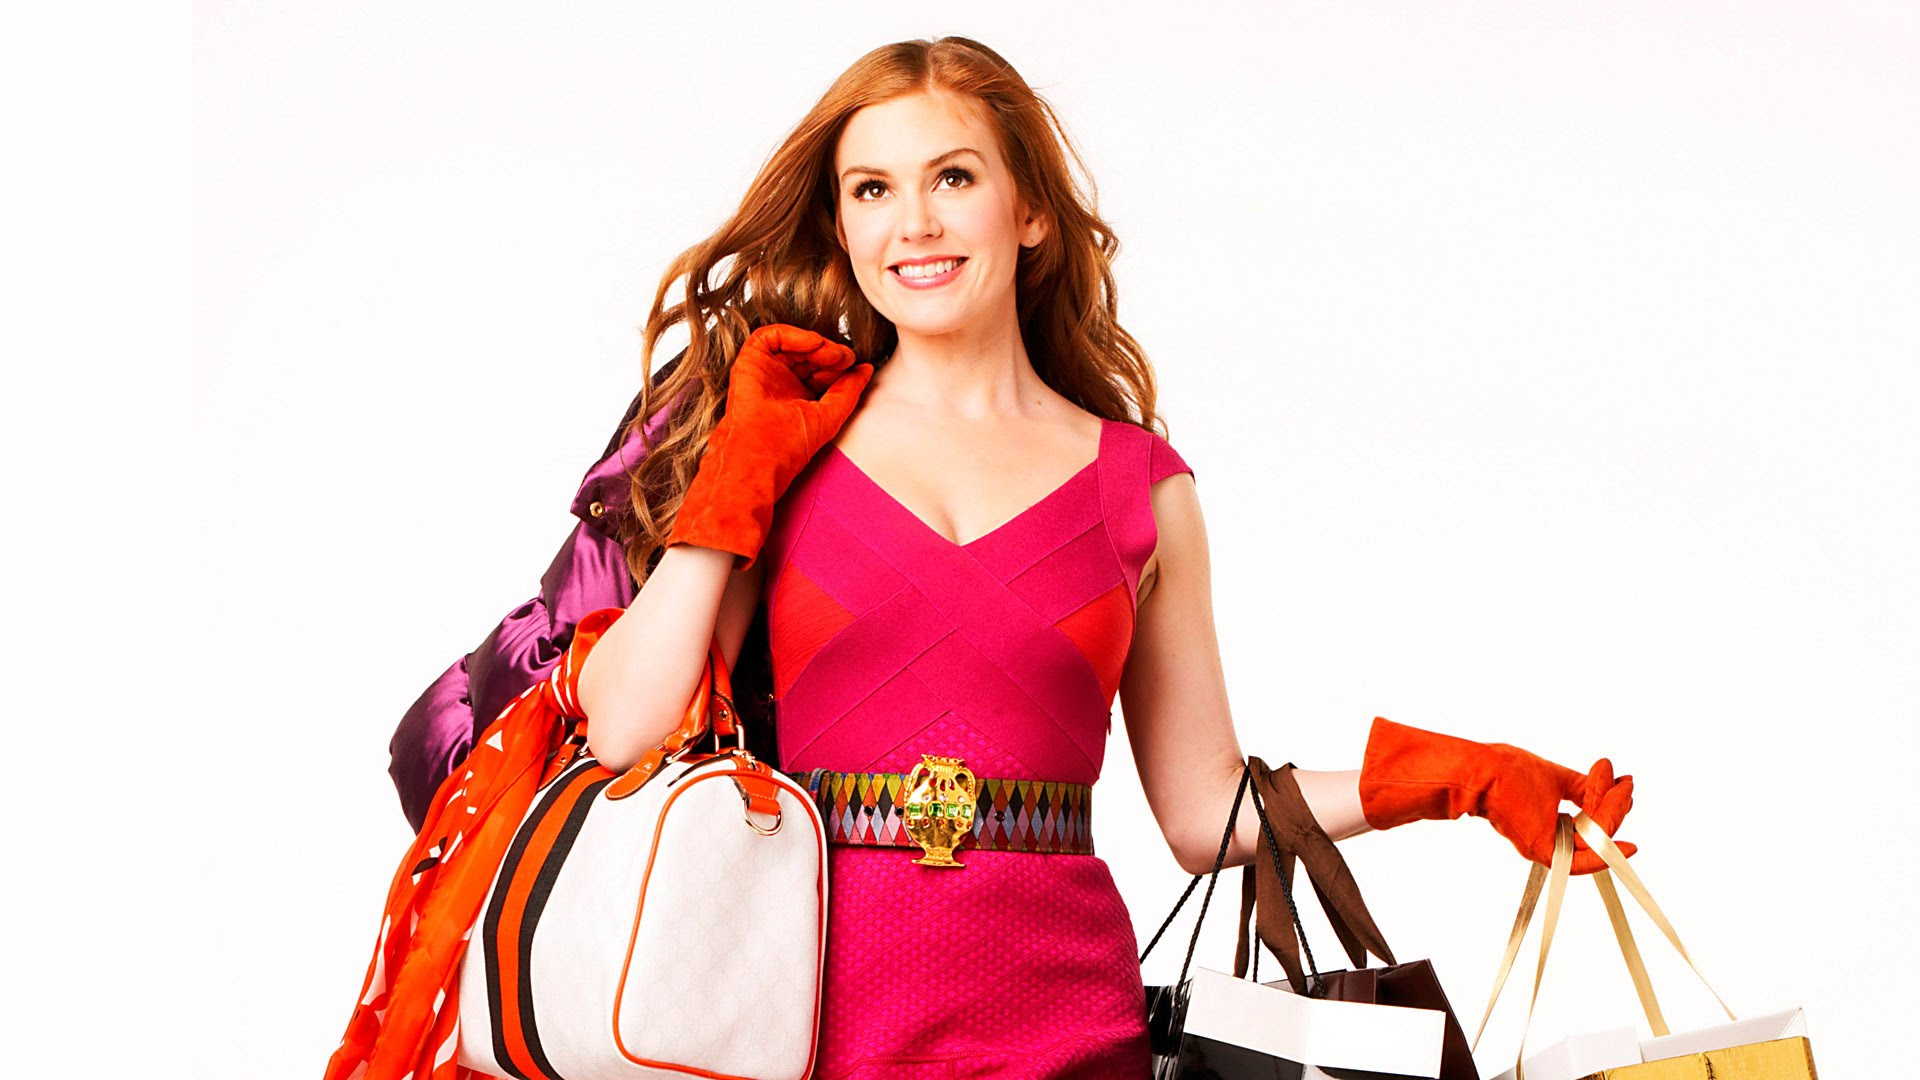 Картинка для интернет магазина женской одежды люкс город окружении